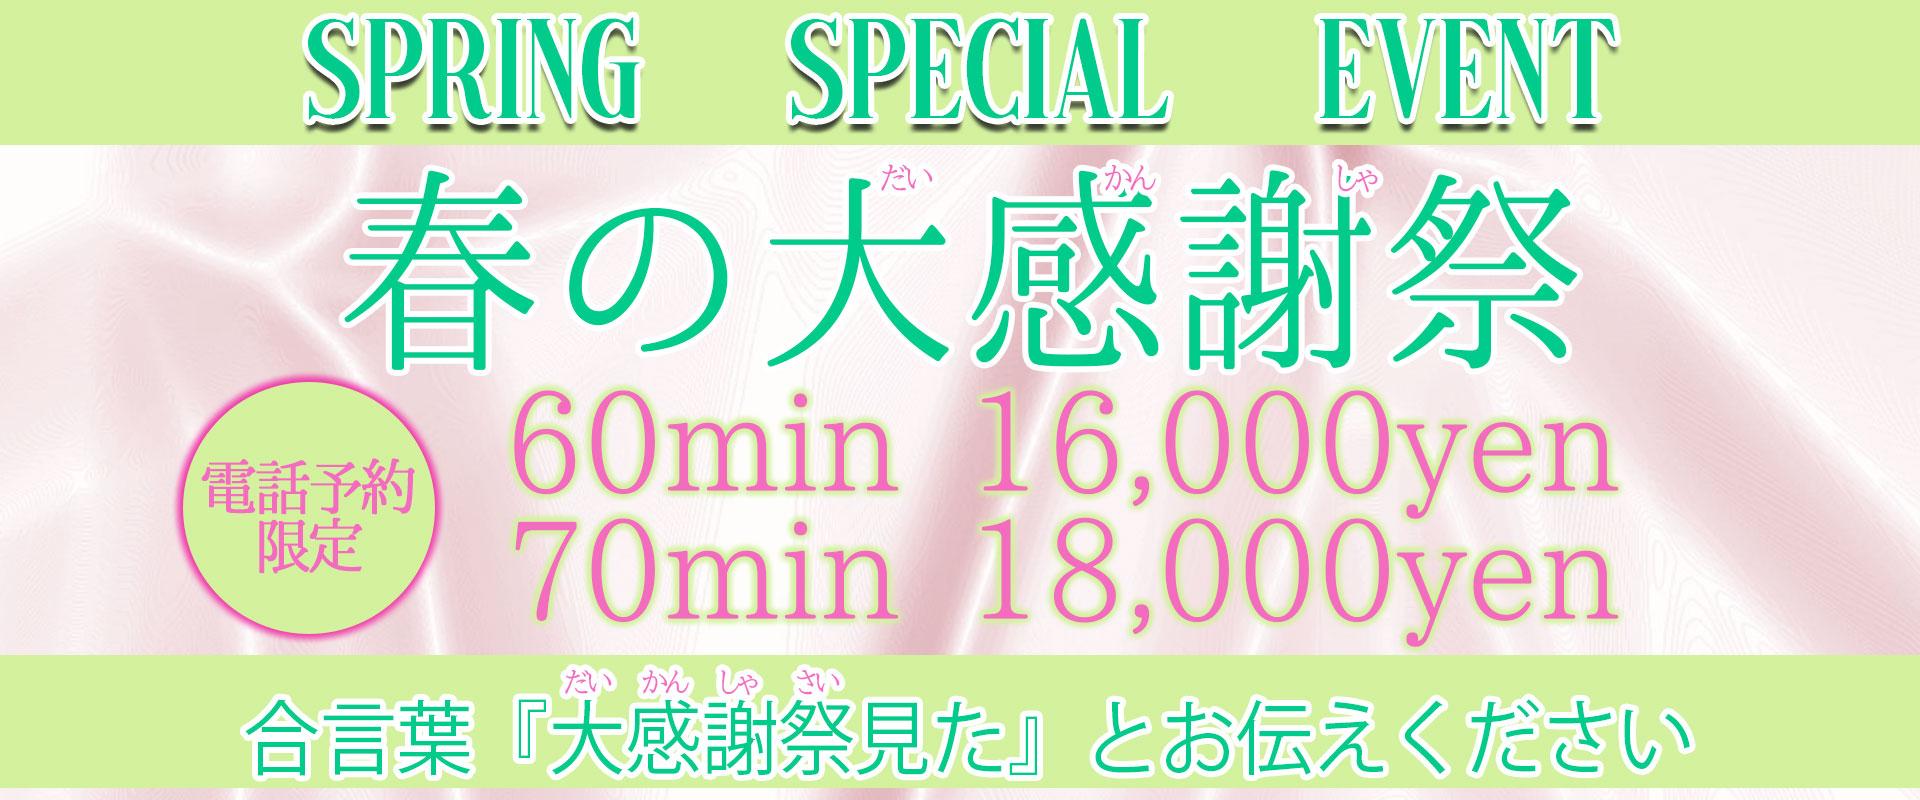 土日限定・電話予約限定!!春の大感謝祭開催!! ¥5,000OFF